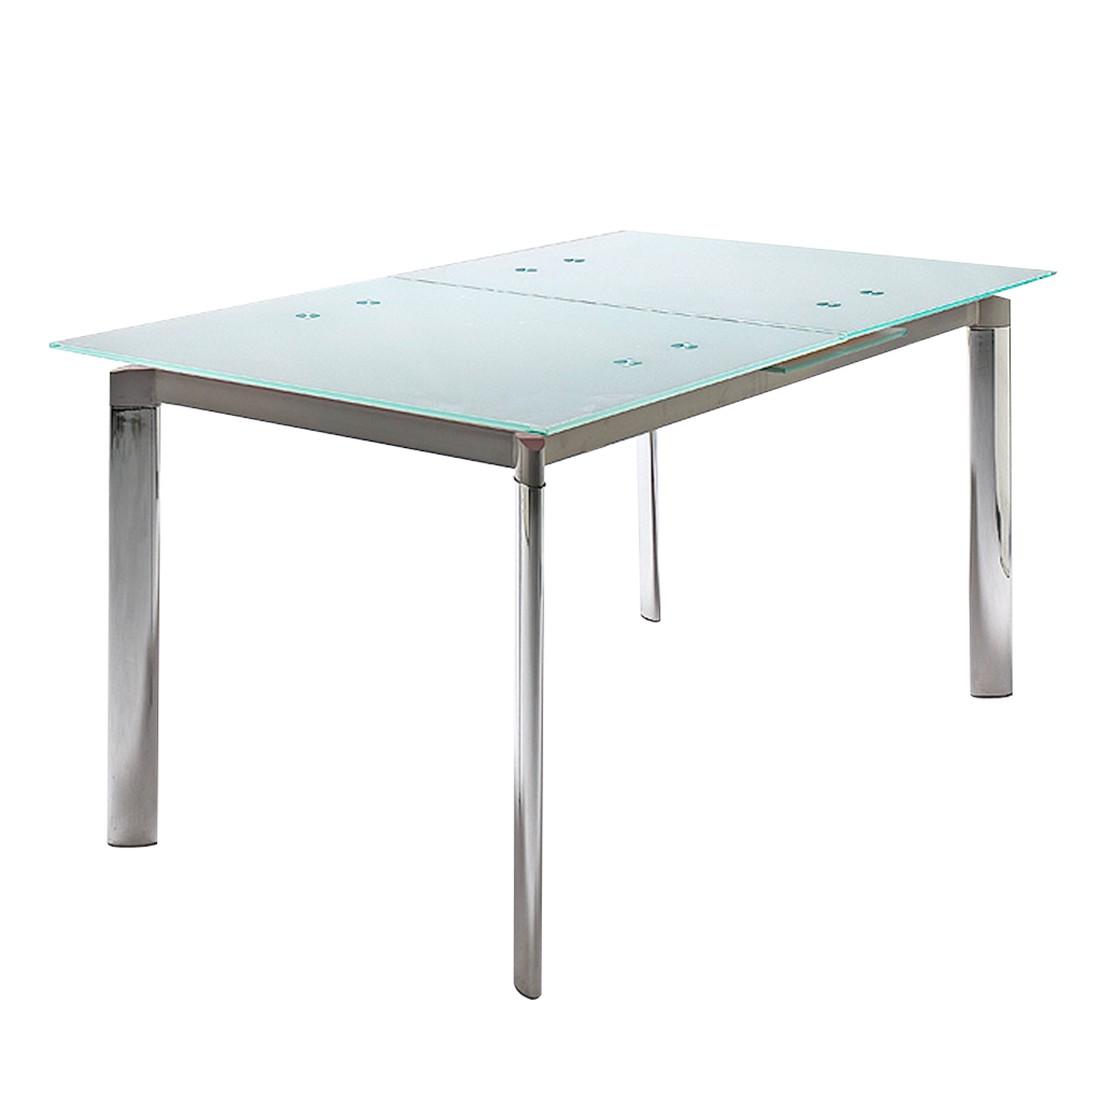 Tavolo Per Sala Da Pranzo Place (allungabile) Vetro Sabbiato Cromo  #3C8F84 1100 1100 Tavolo Sala Da Pranzo Vetro